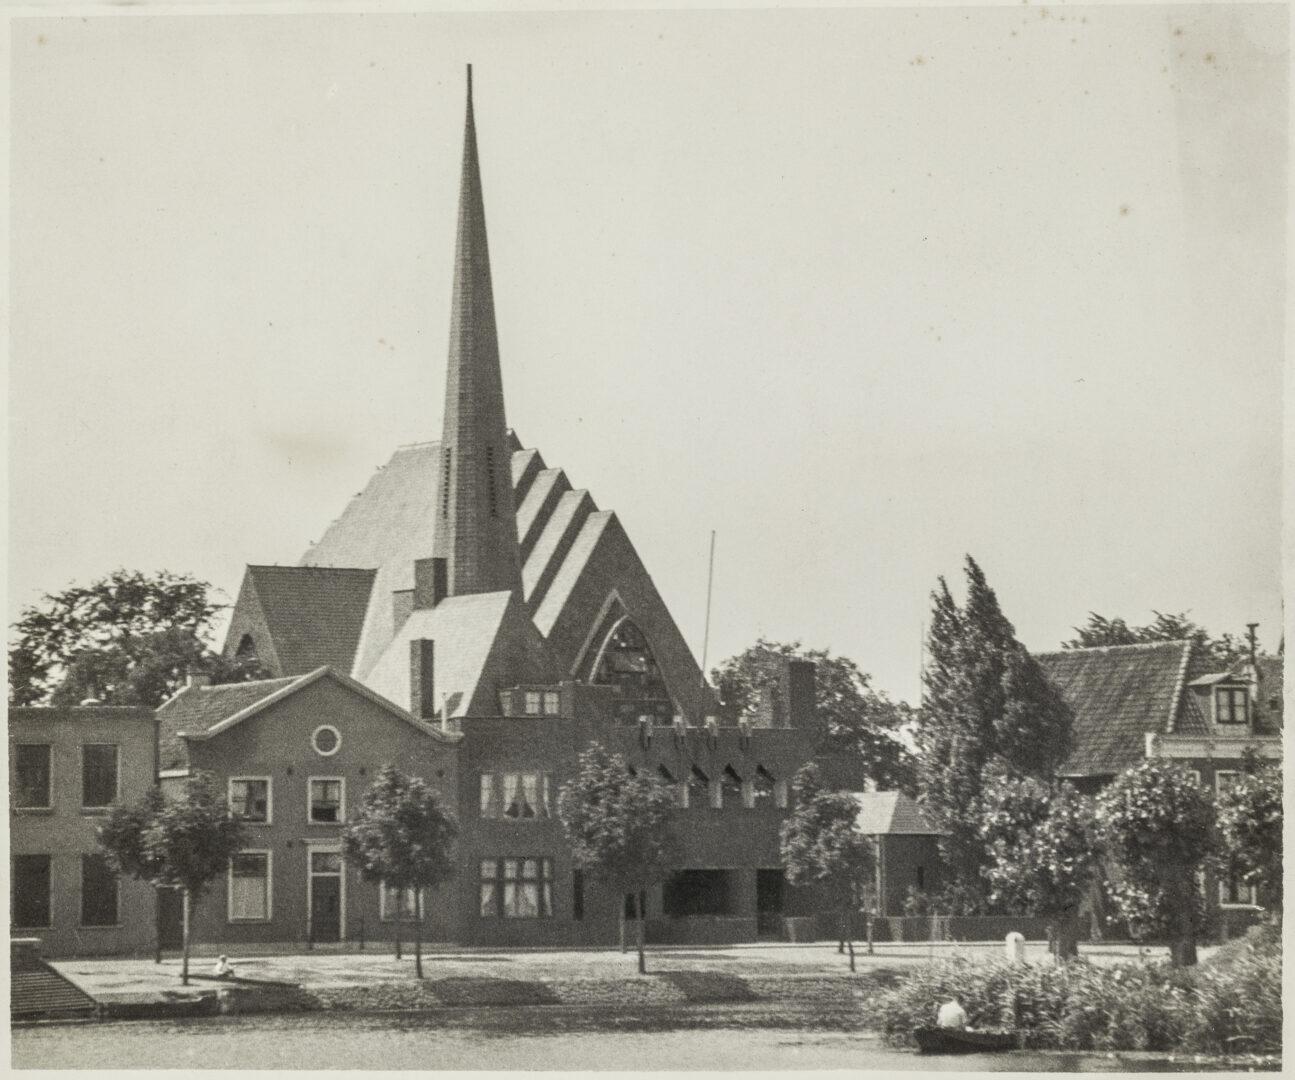 Gereformeerde kerk en pastorie, Weesp, ca. 1950